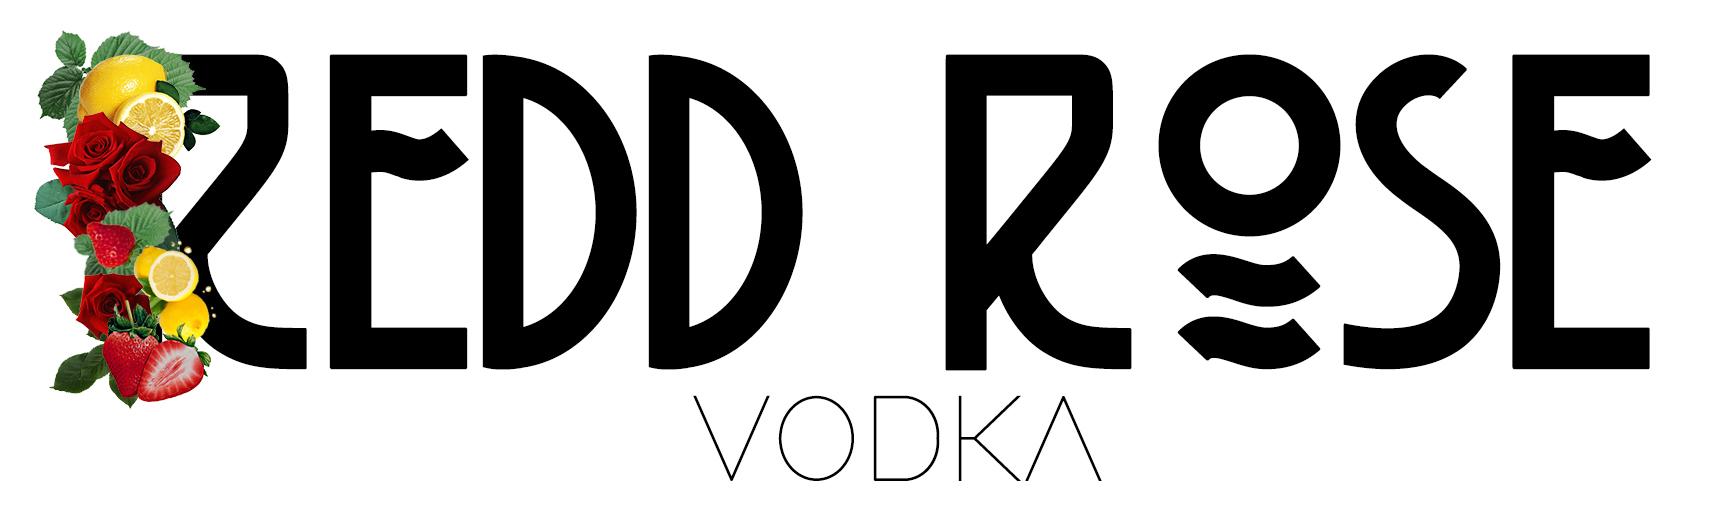 ReddRoseLogo.white.flavor.jpg